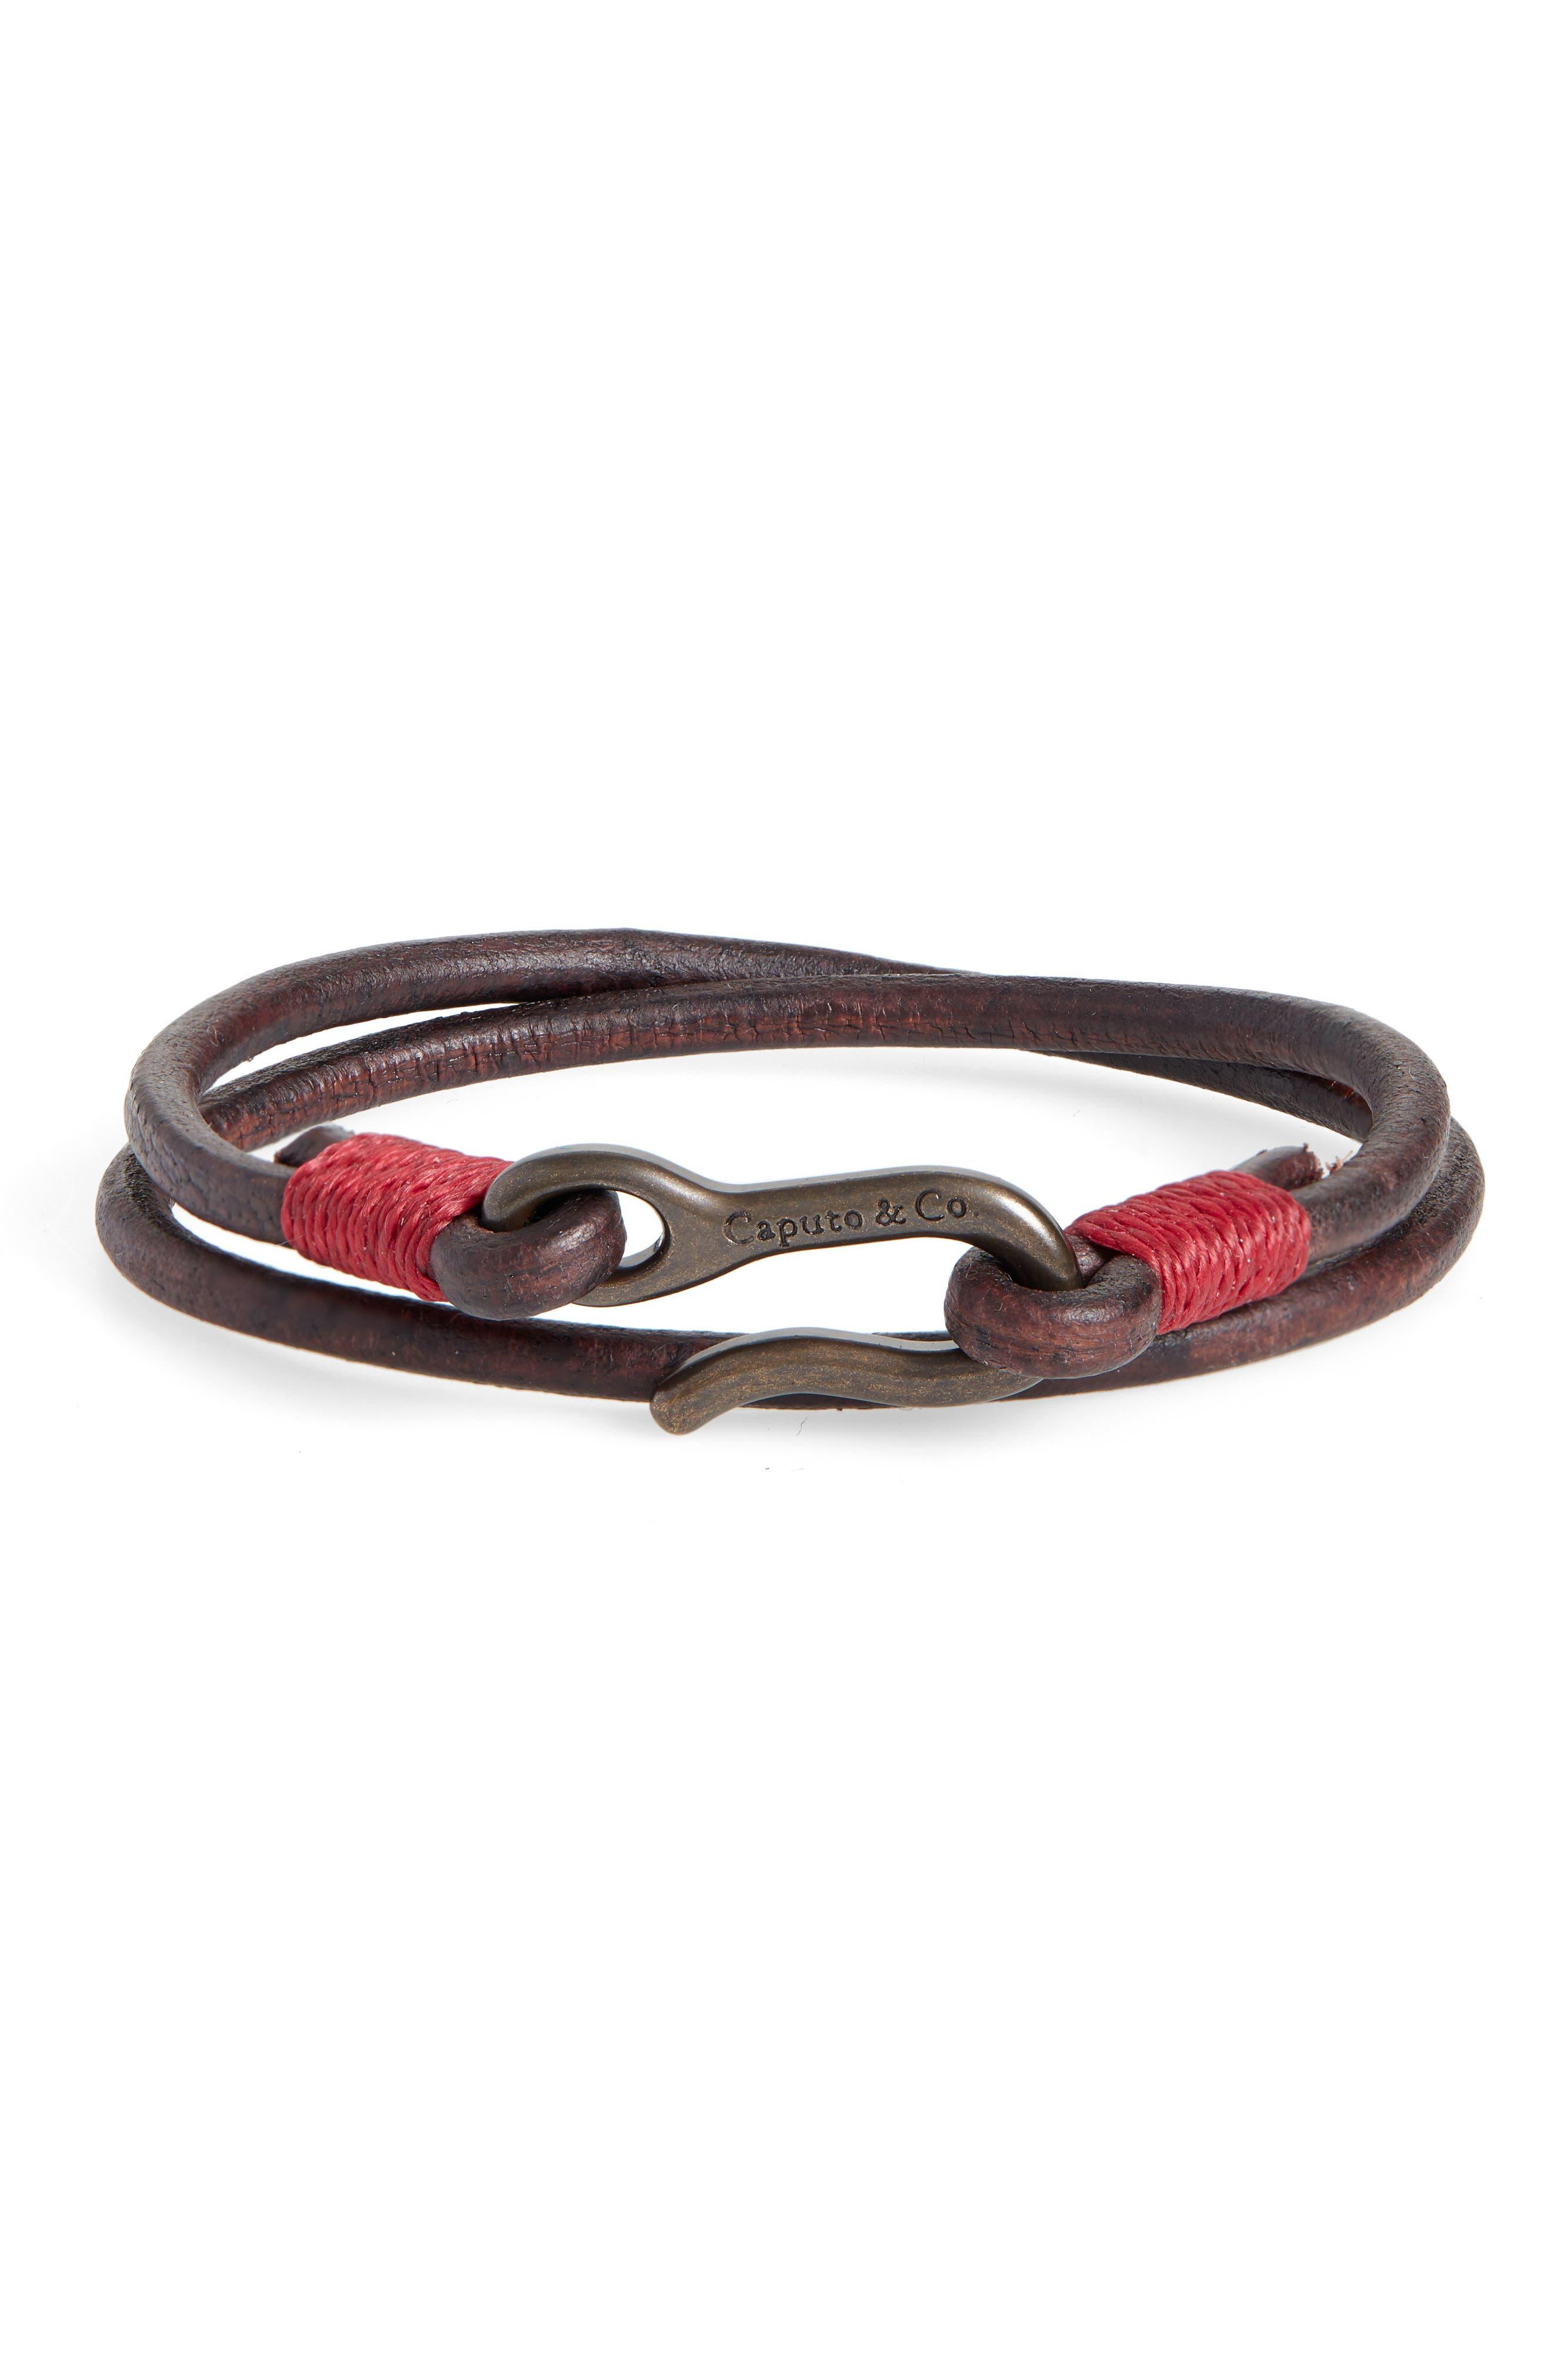 CAPUTO & CO. Leather Wrap Bracelet in Dark Brown